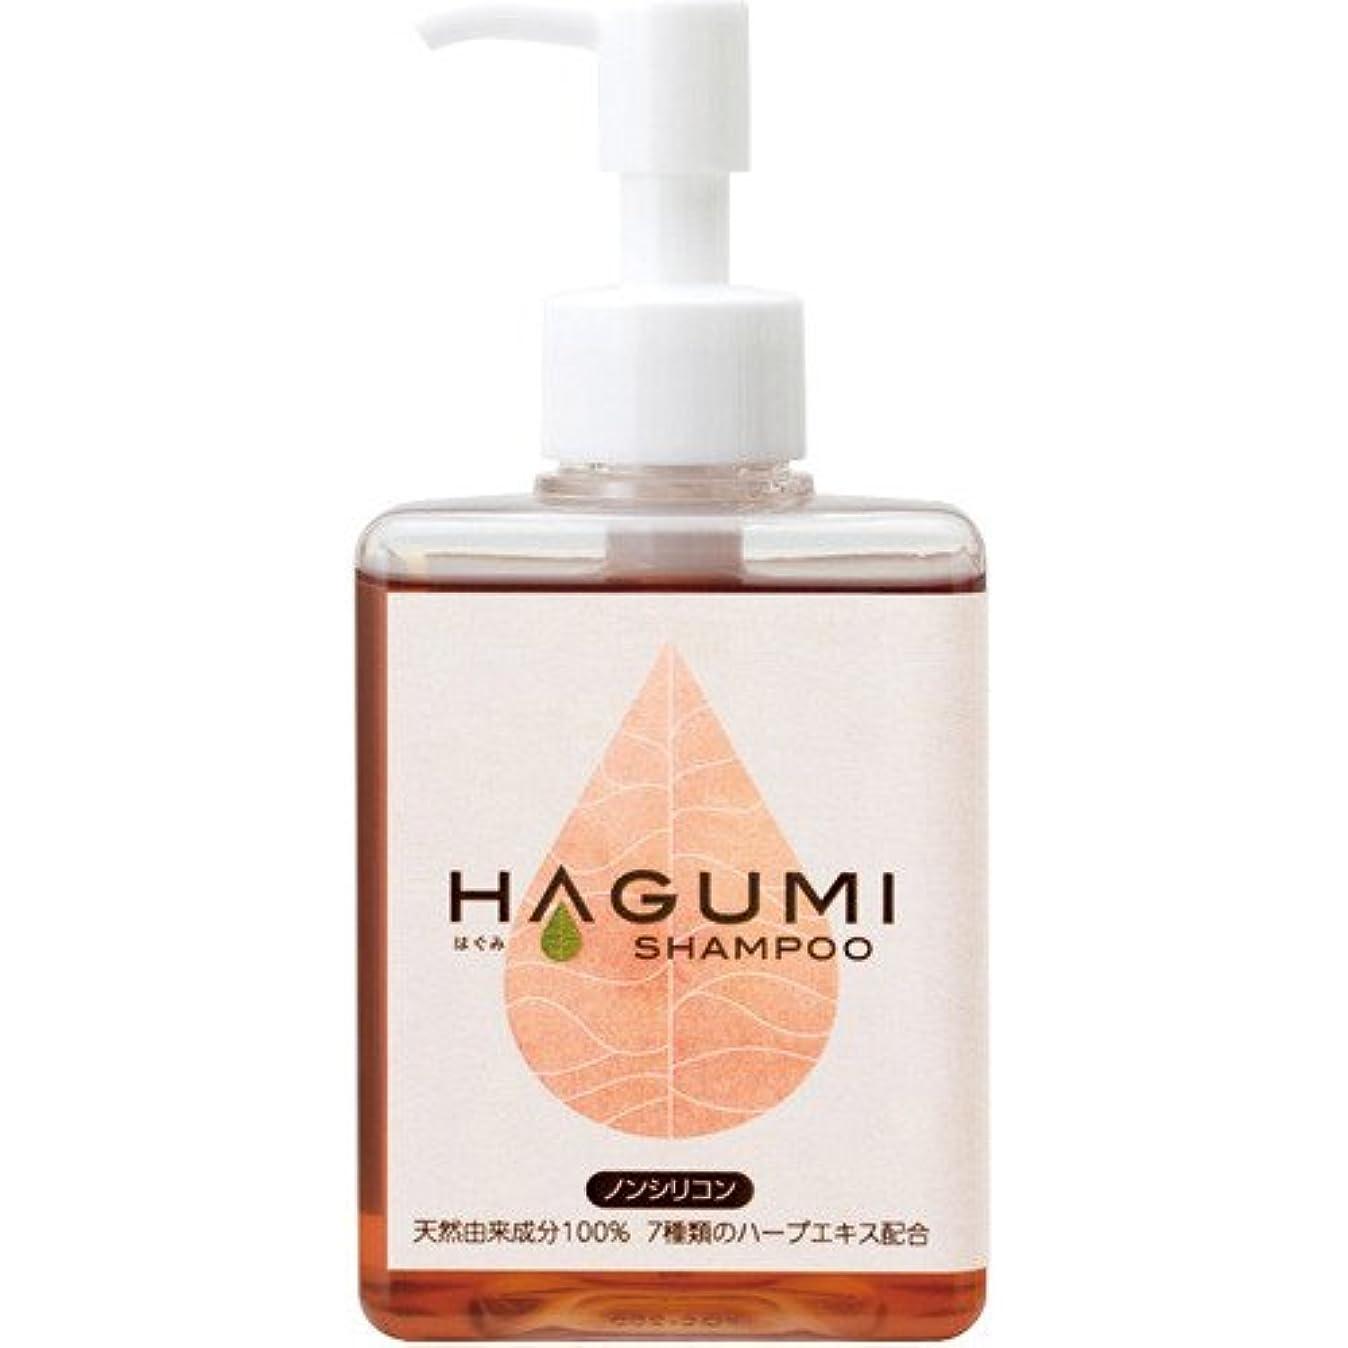 バイオリニスト呪い食物HAGUMI(ハグミ) シャンプー 200ml